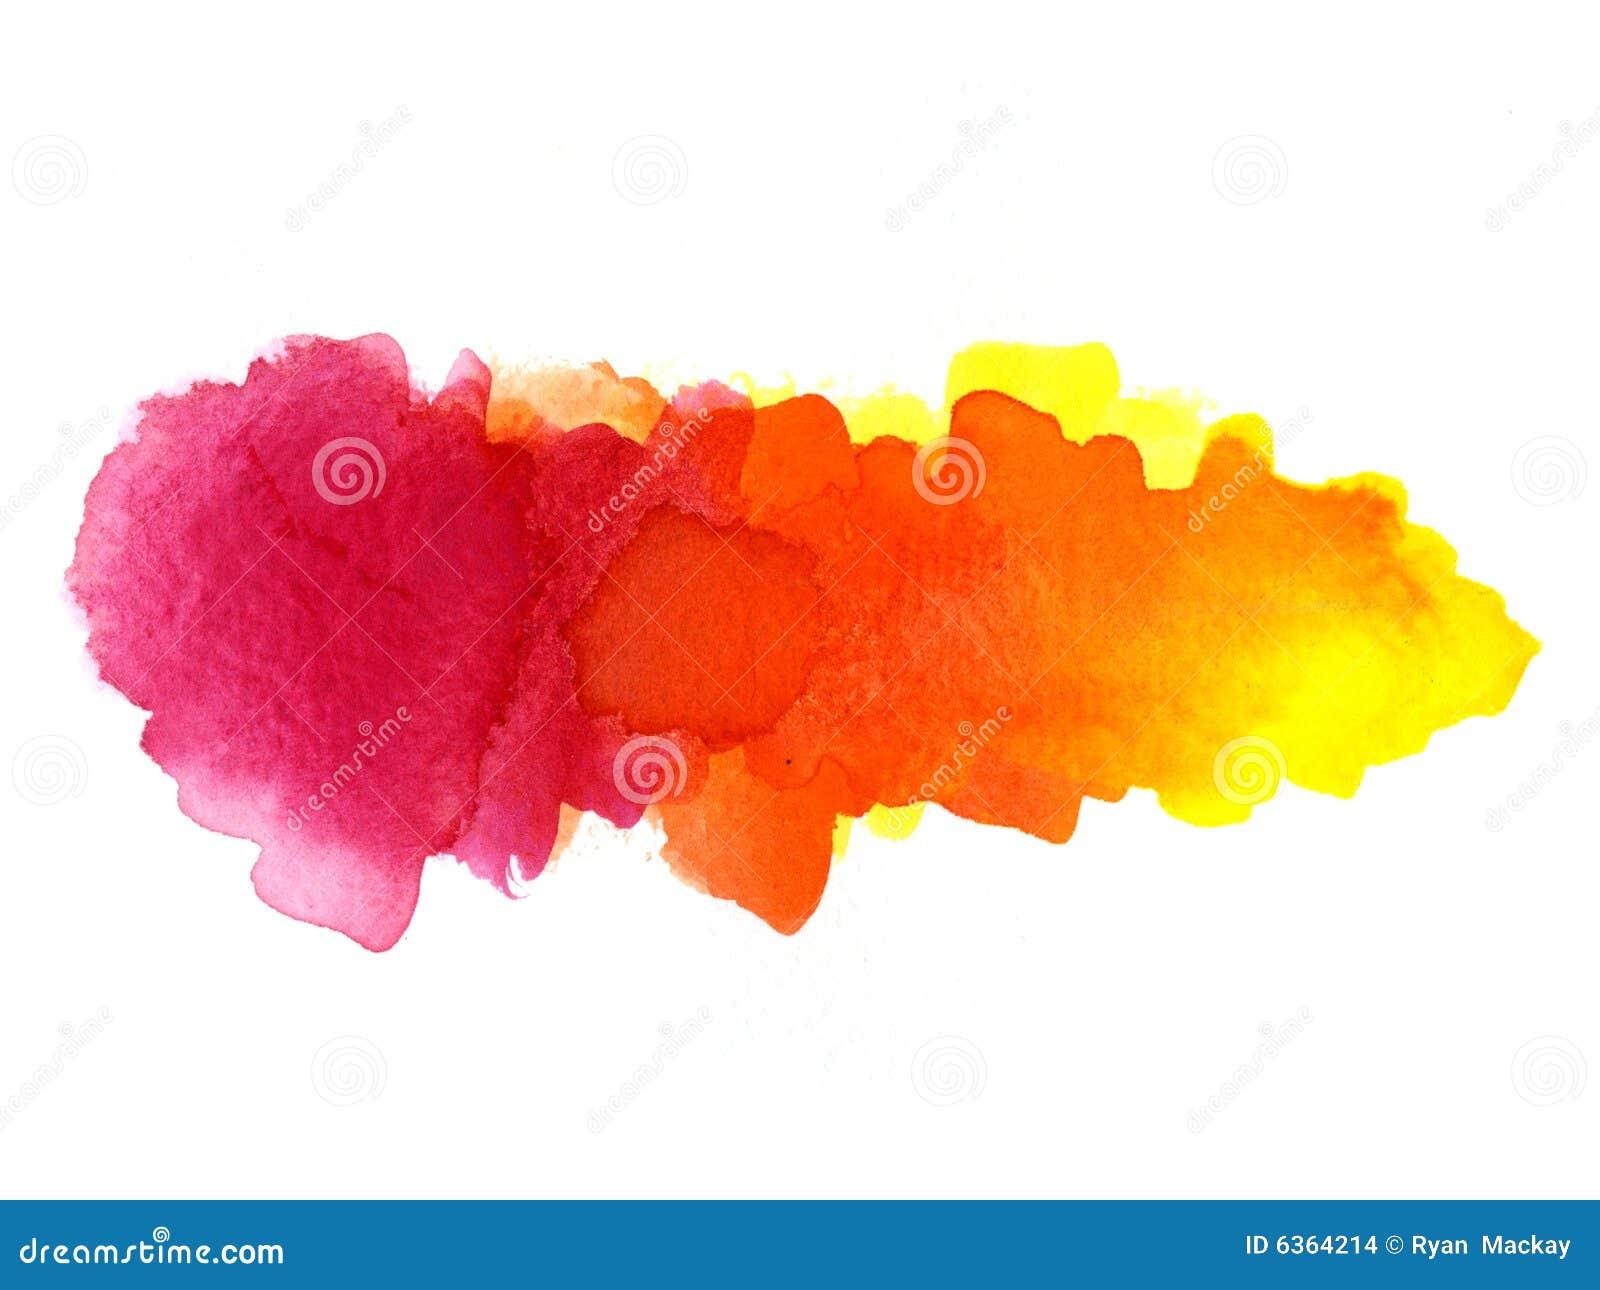 El modo de la liberación de las manchas de pigmento sobre la persona